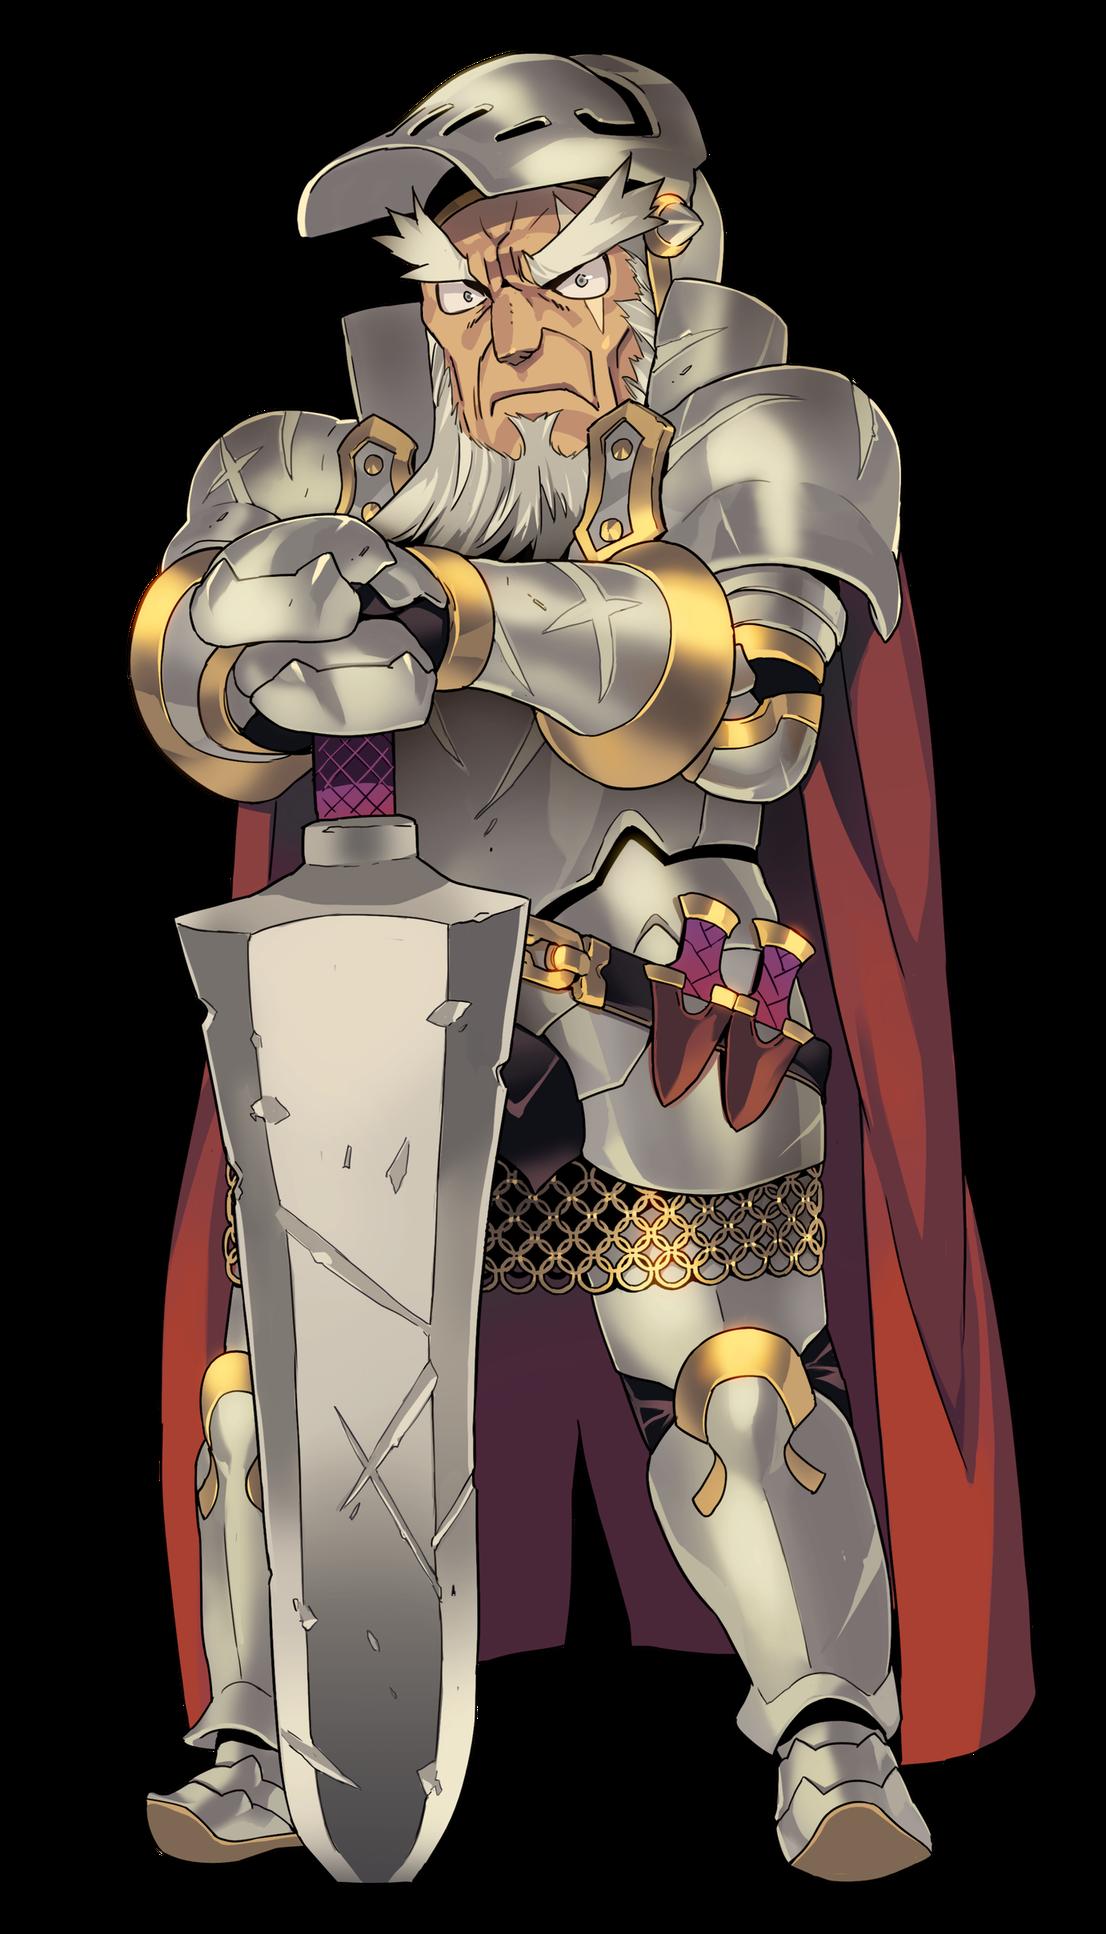 元騎士の剣術教官